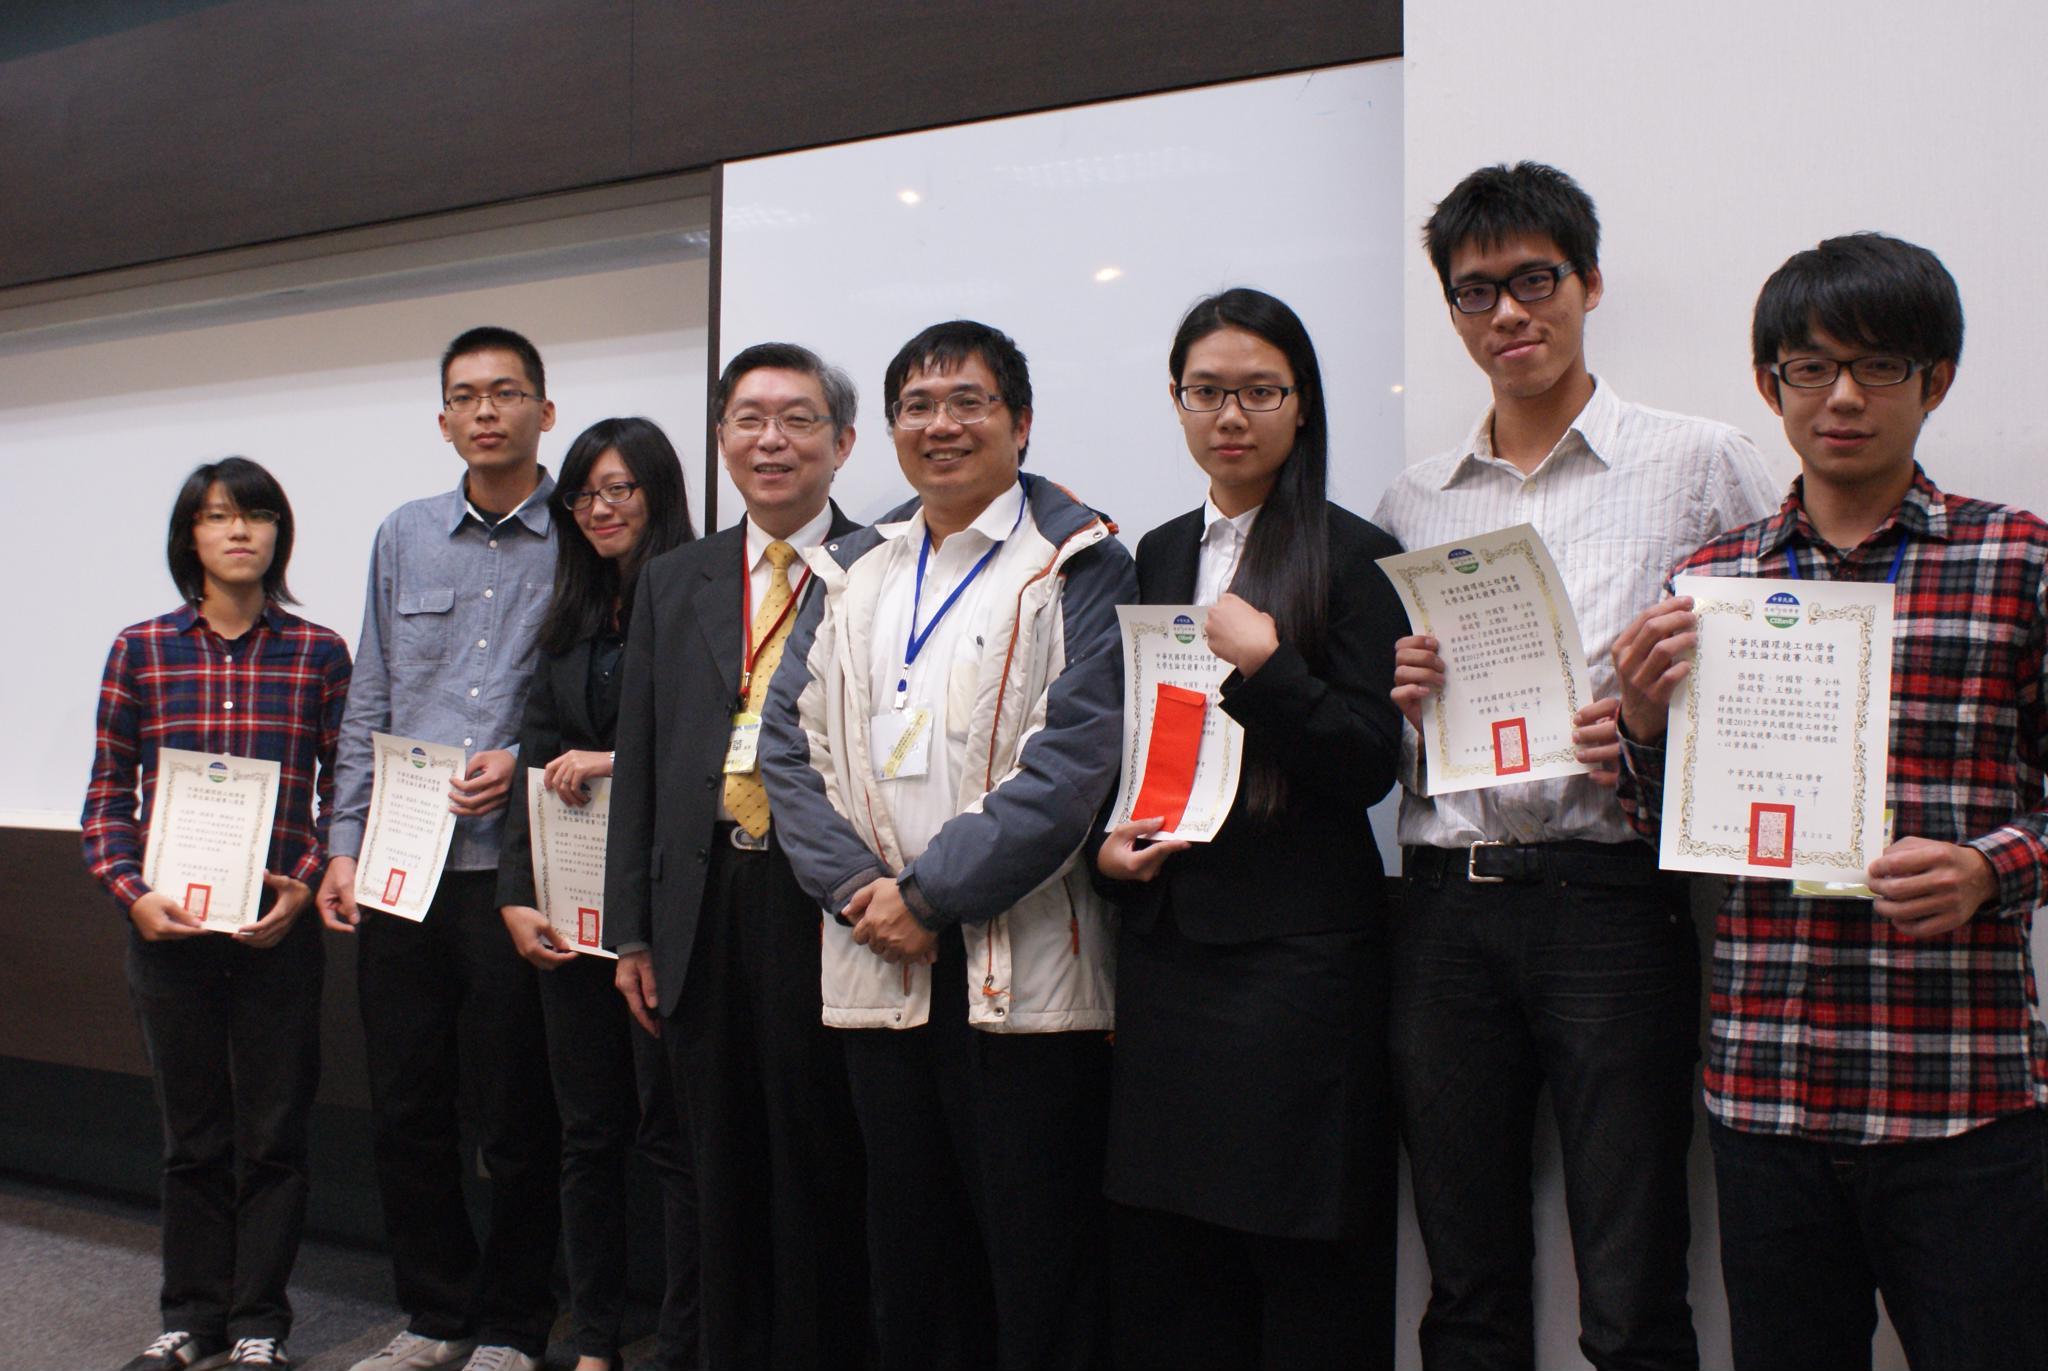 生環系學生徐志昆榮獲中華民國環境工程學會「第七屆大專生論文競賽」第一名!